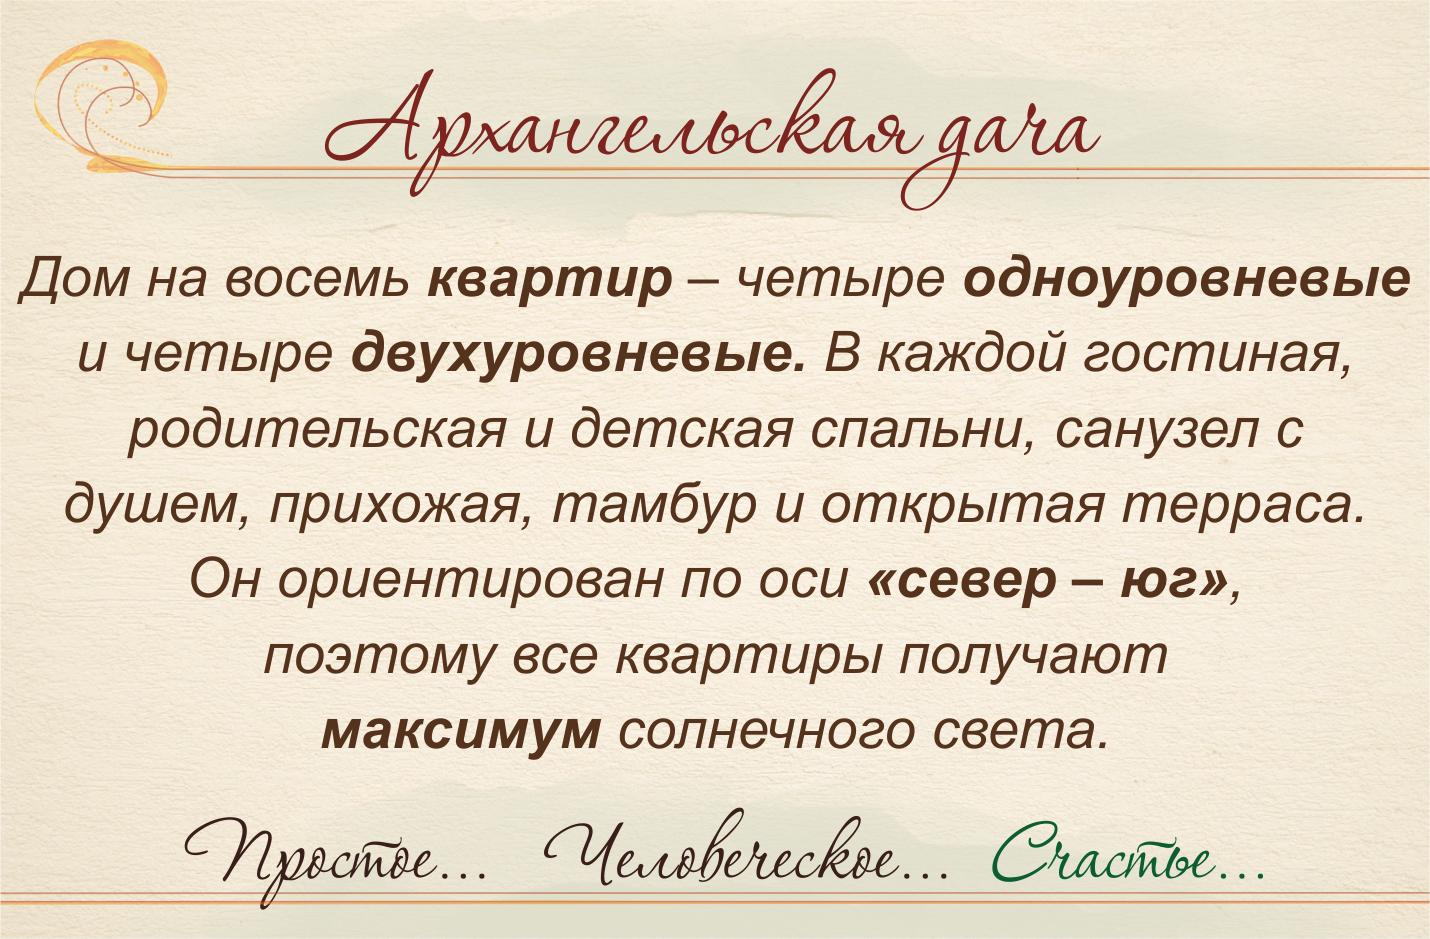 Архангельская дача